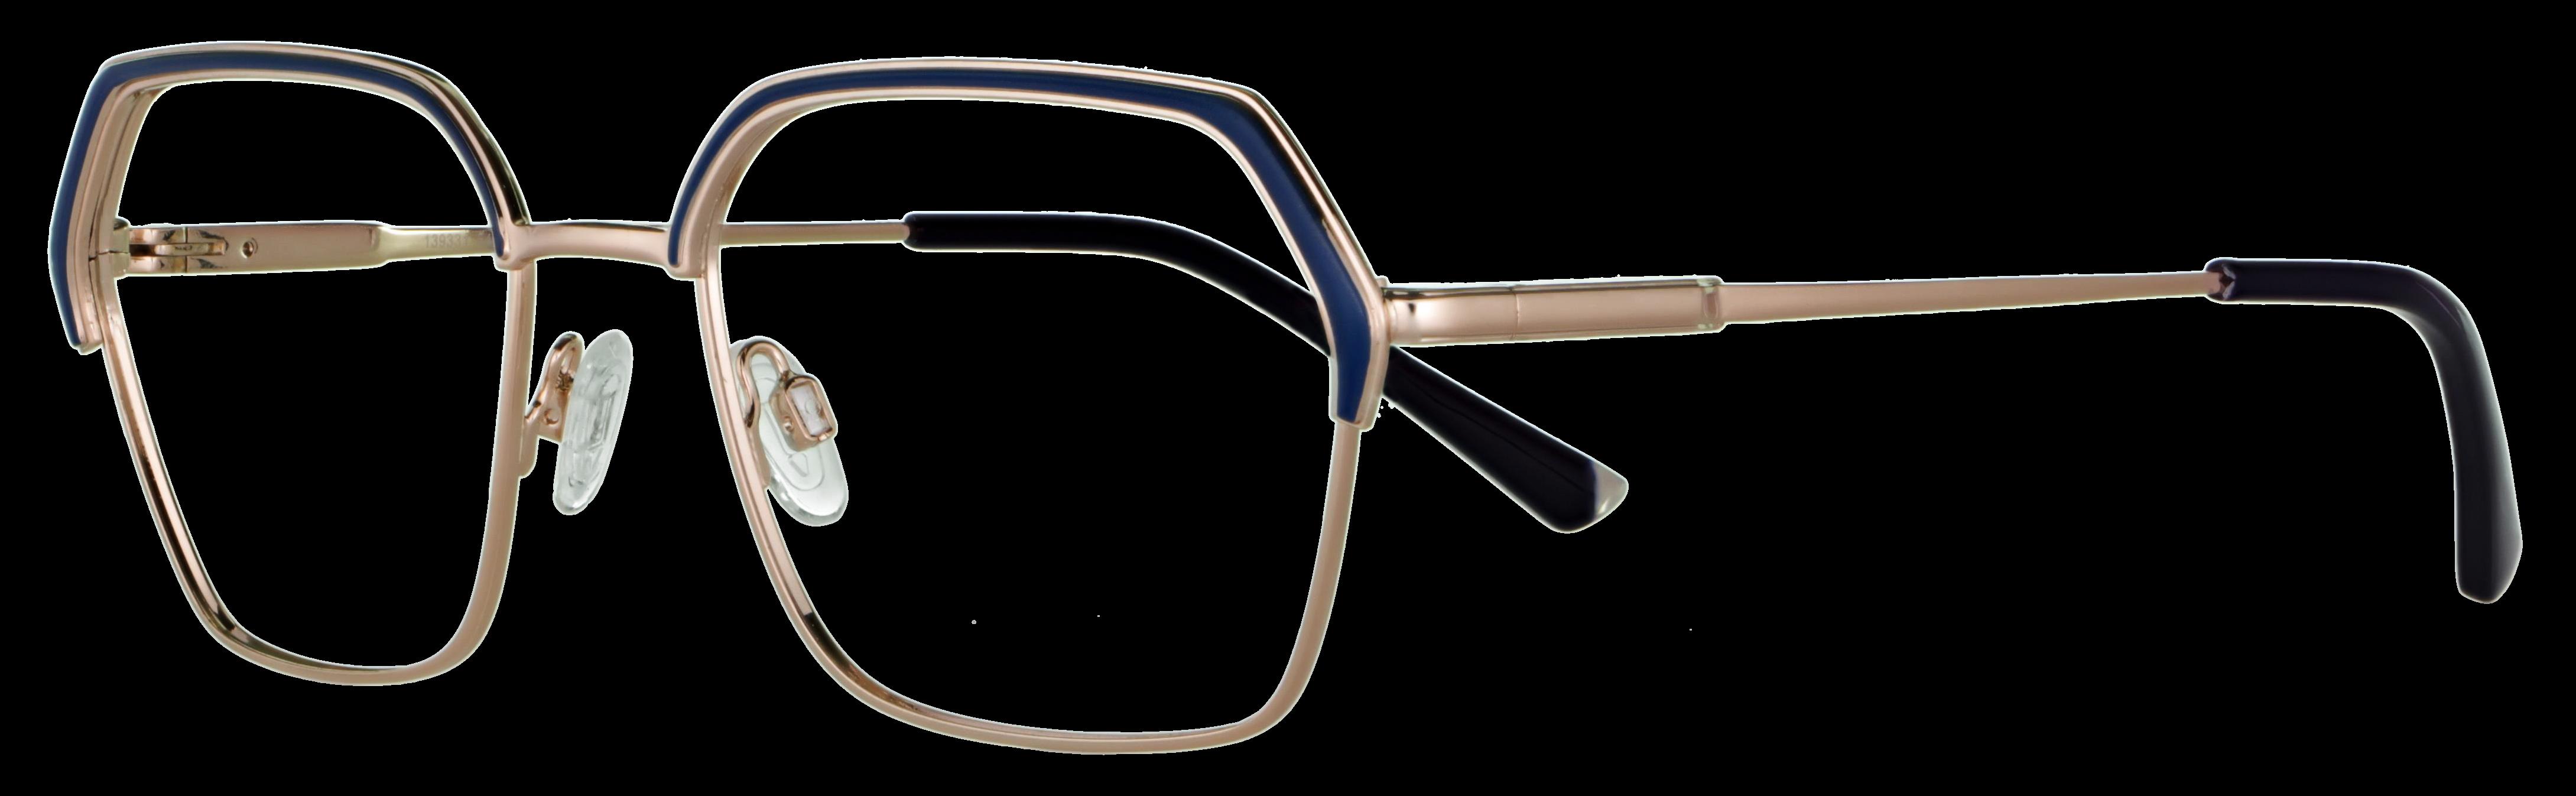 abele optik Brille 139331